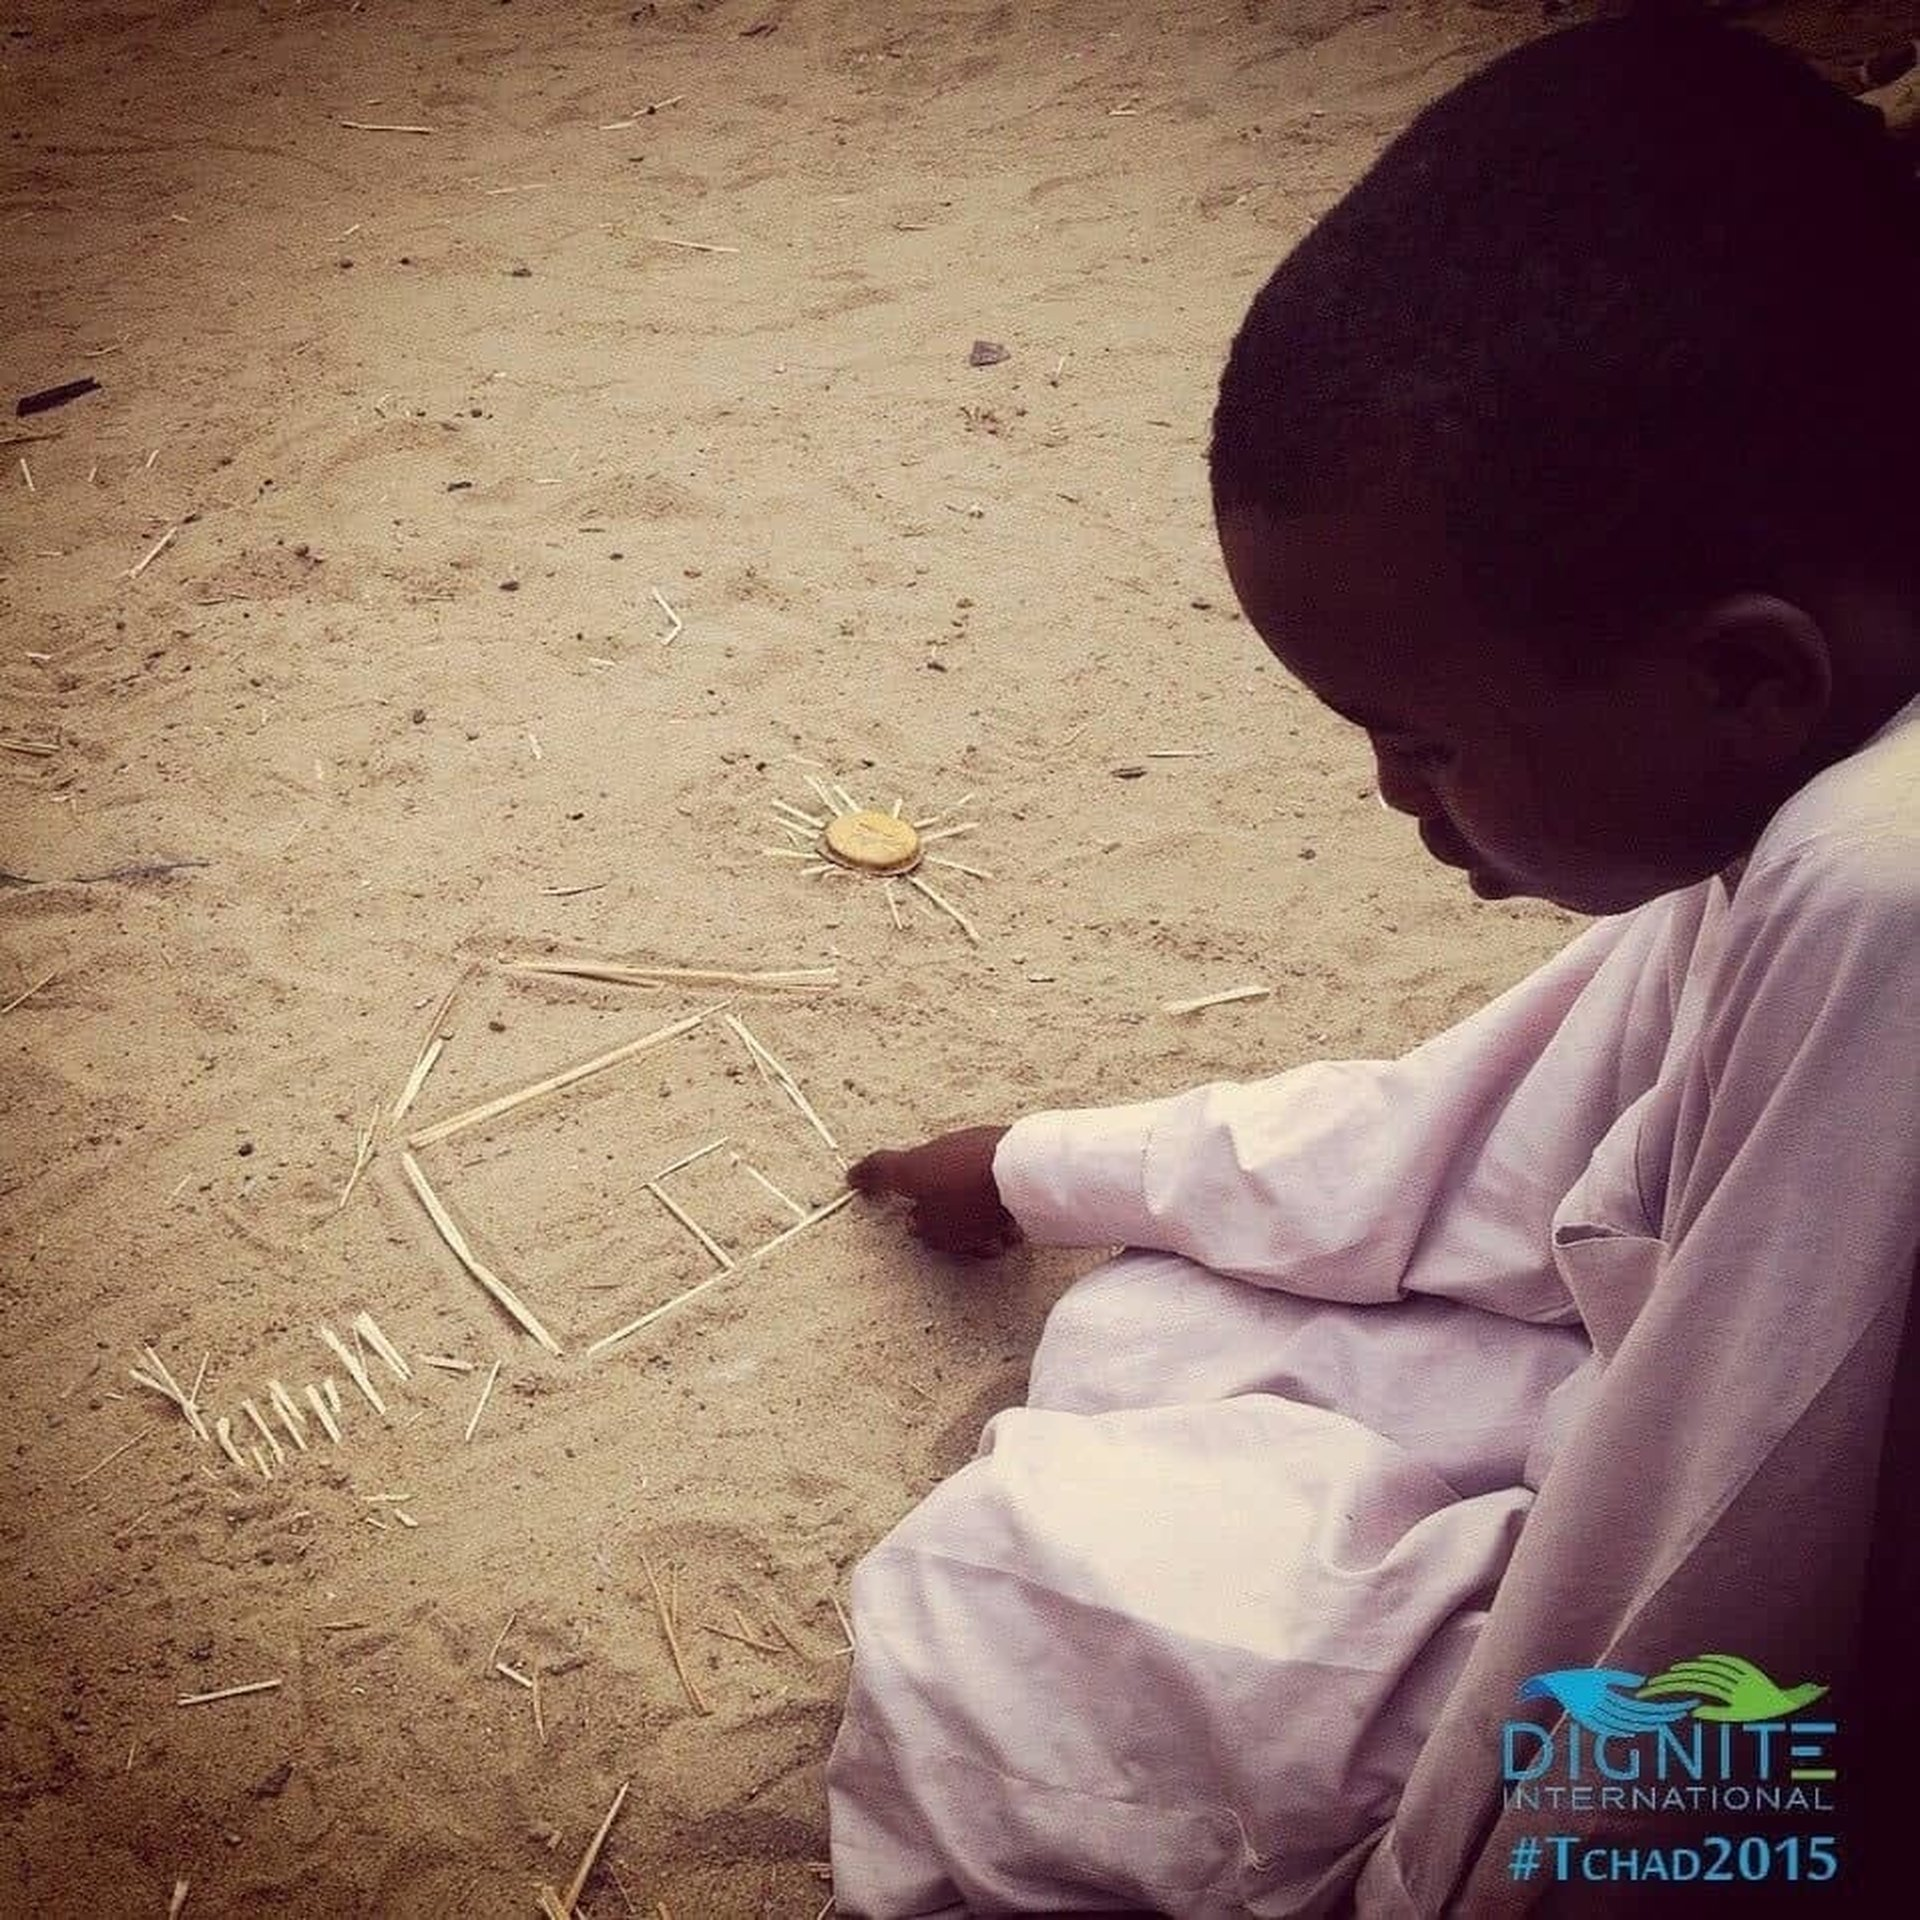 Enfant africain qui dessine une maison sur le sable apportons lui une aide humanitaire au Tchad